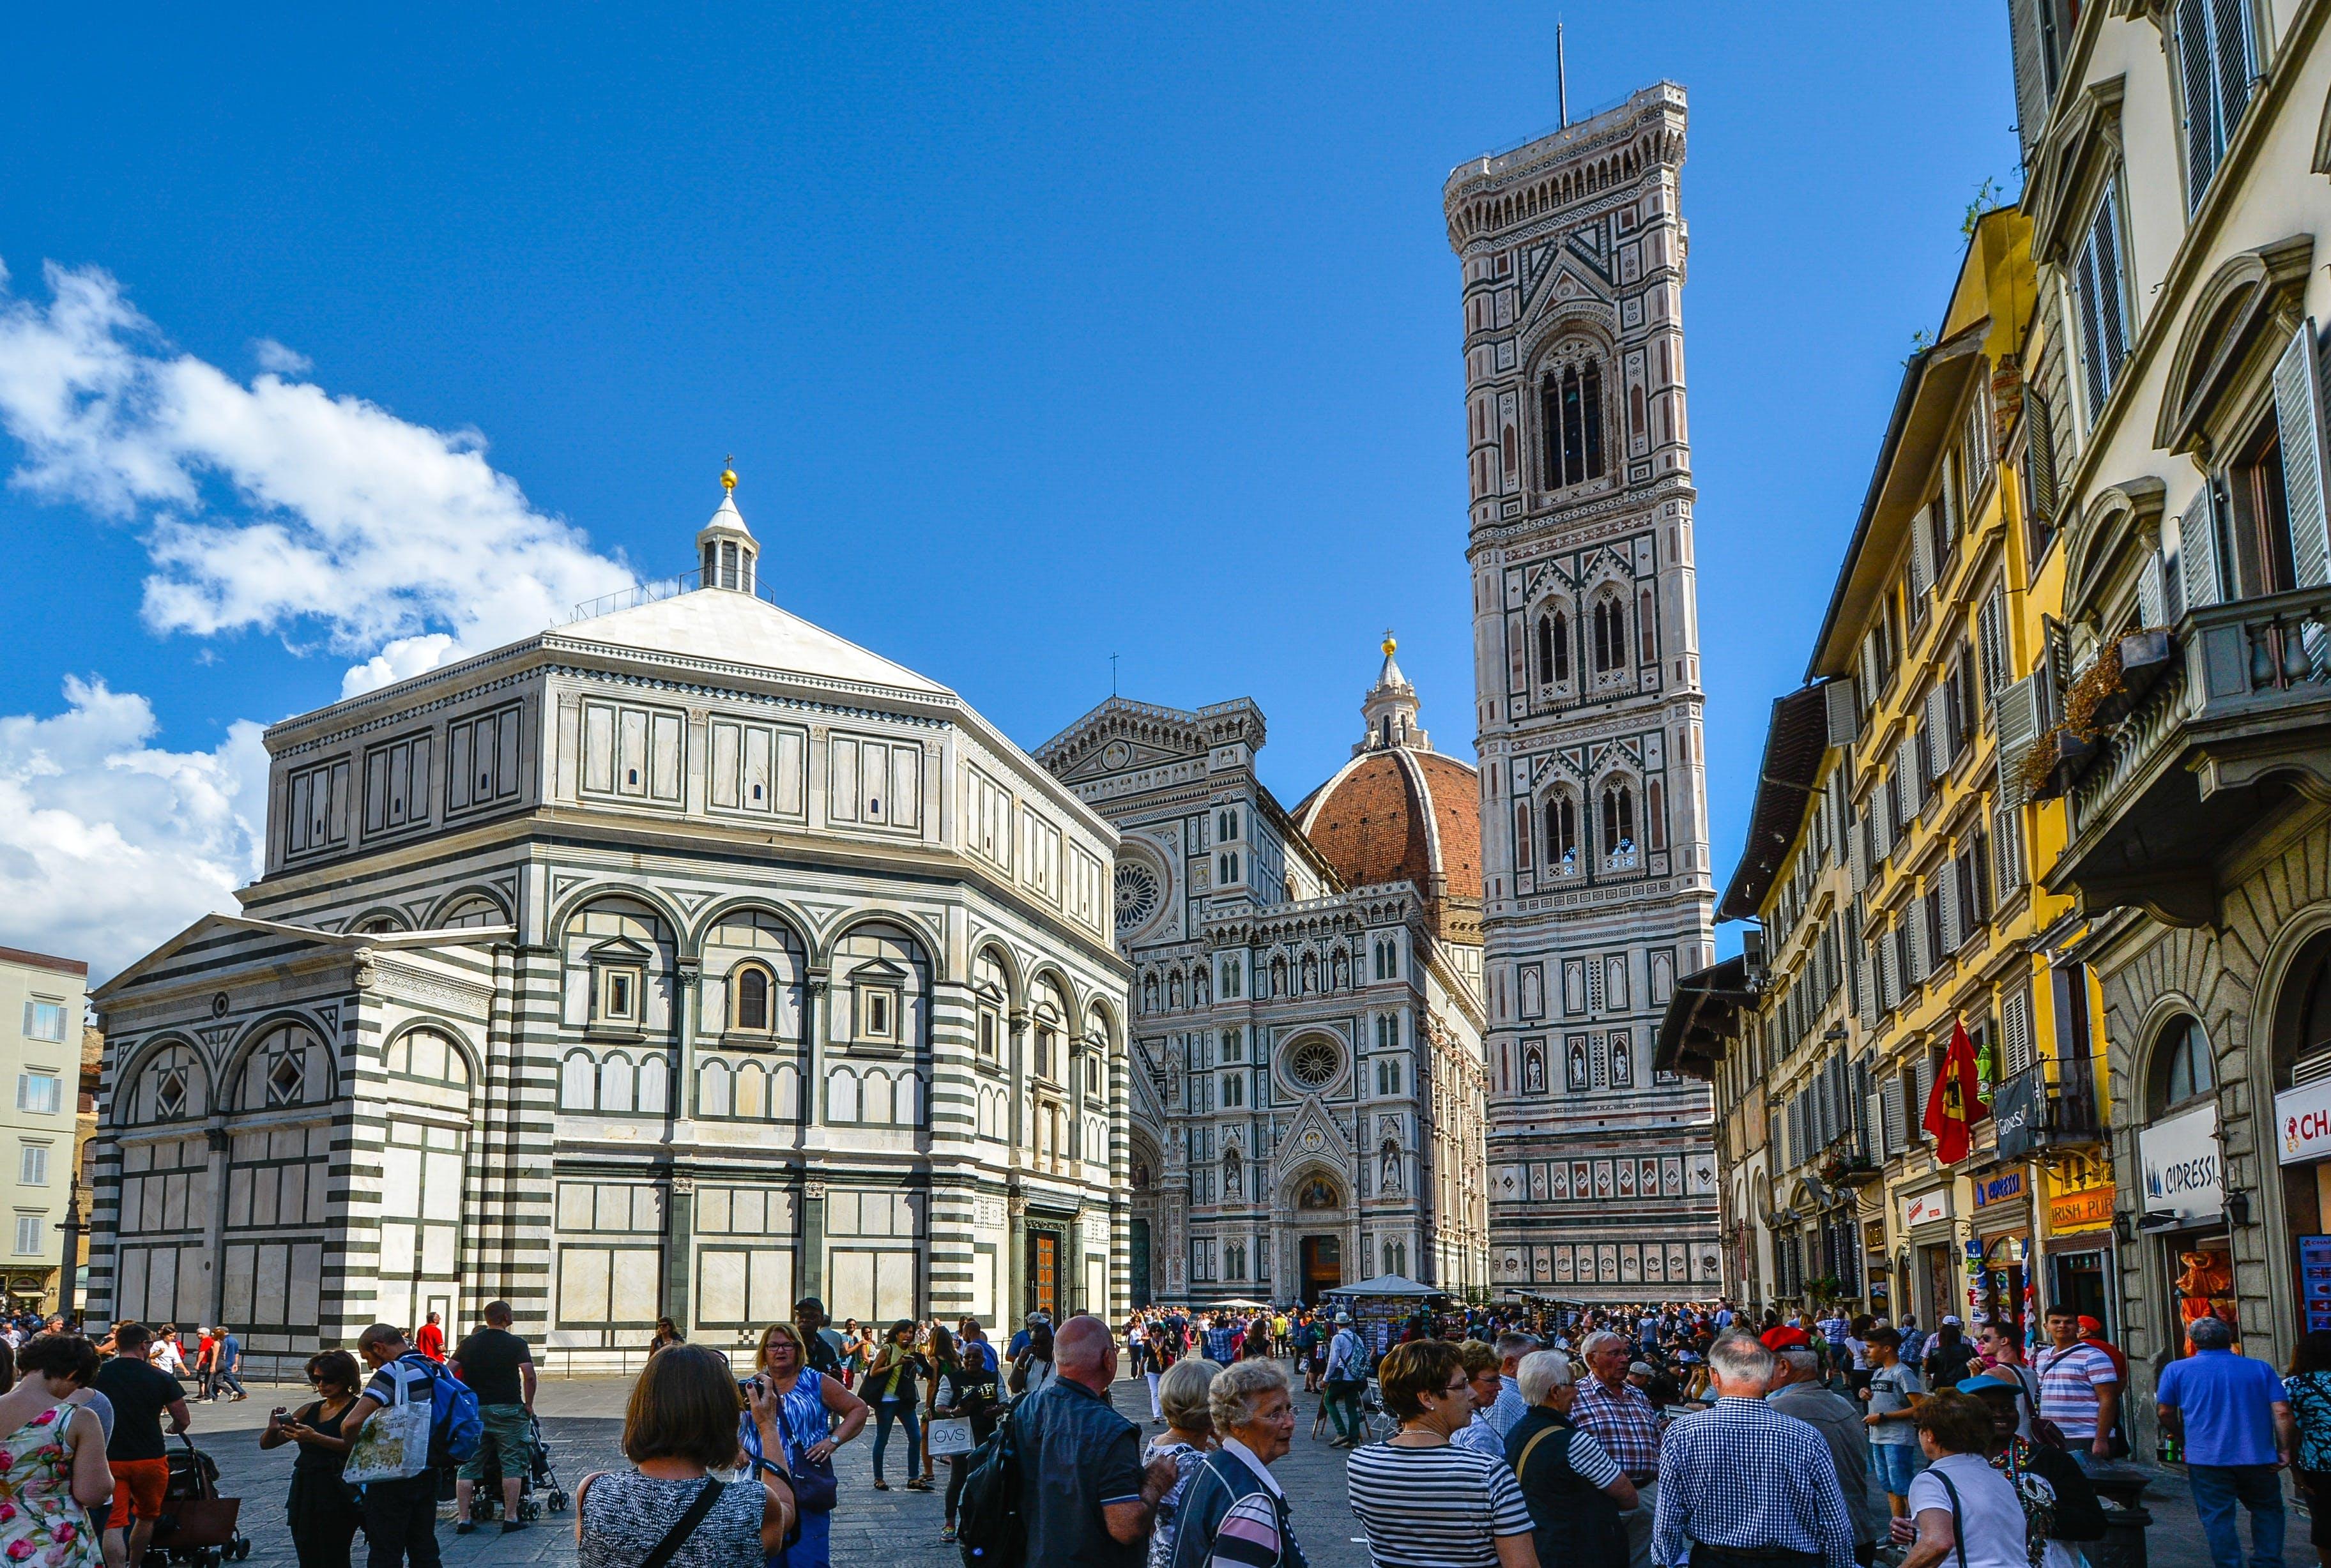 거리, 건물 외관, 건축, 고대의의 무료 스톡 사진